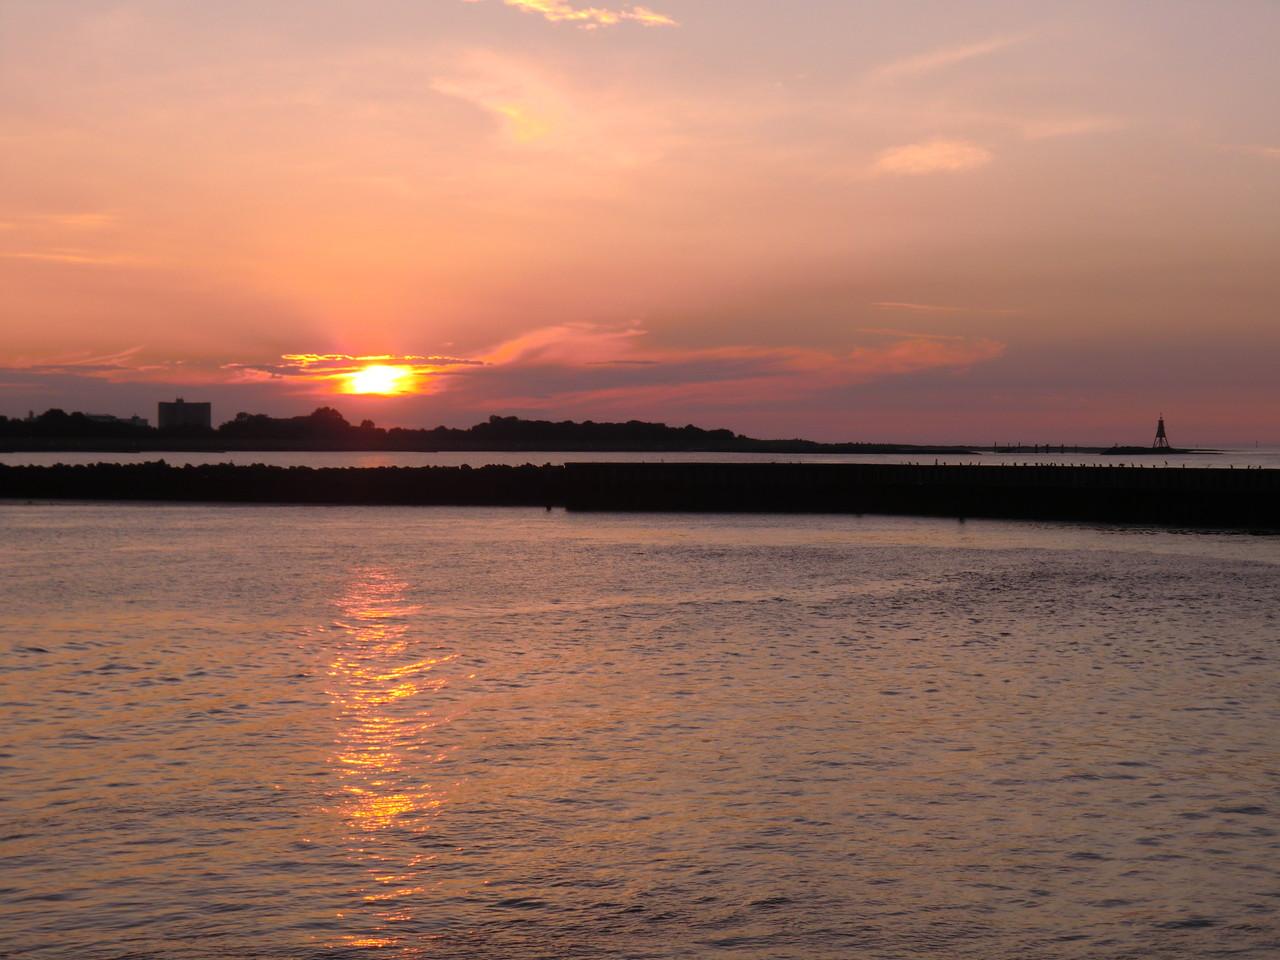 Sonnenuntergang in Cux